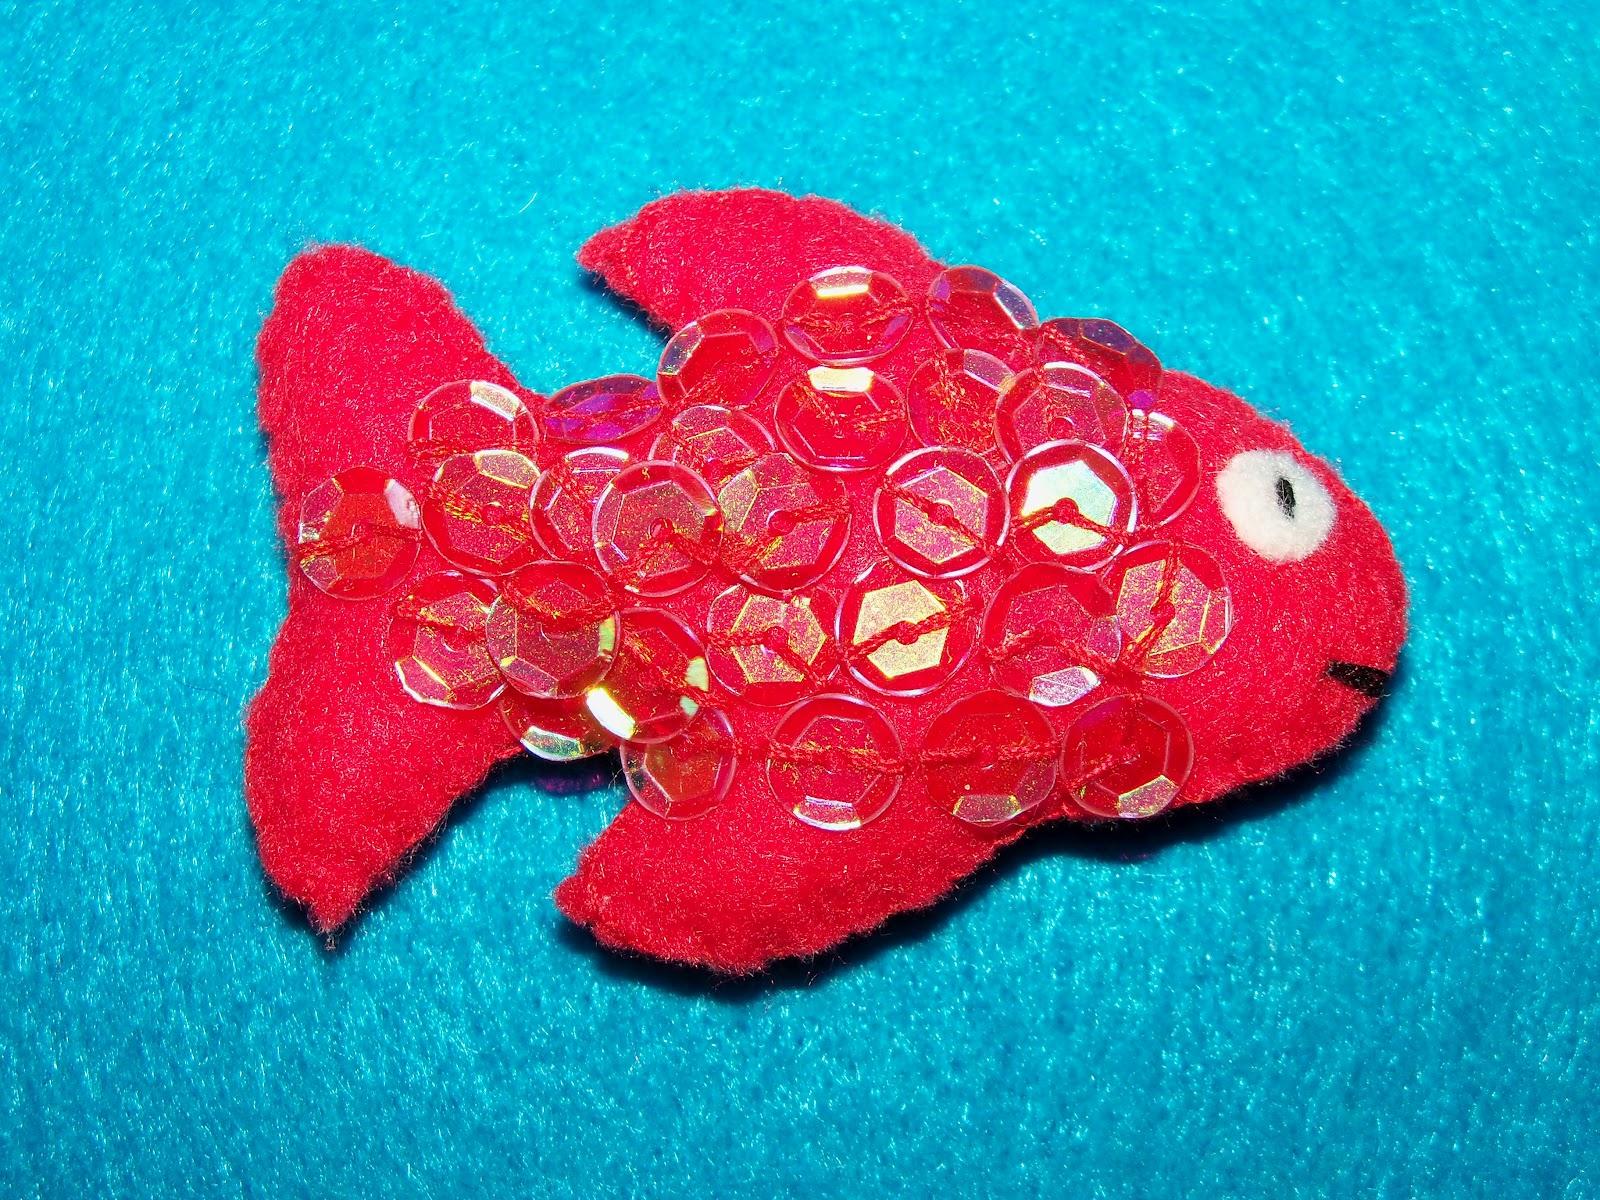 Fieltro Vemeco Broche De Fieltro Pez Rojo - Pez-de-fieltro